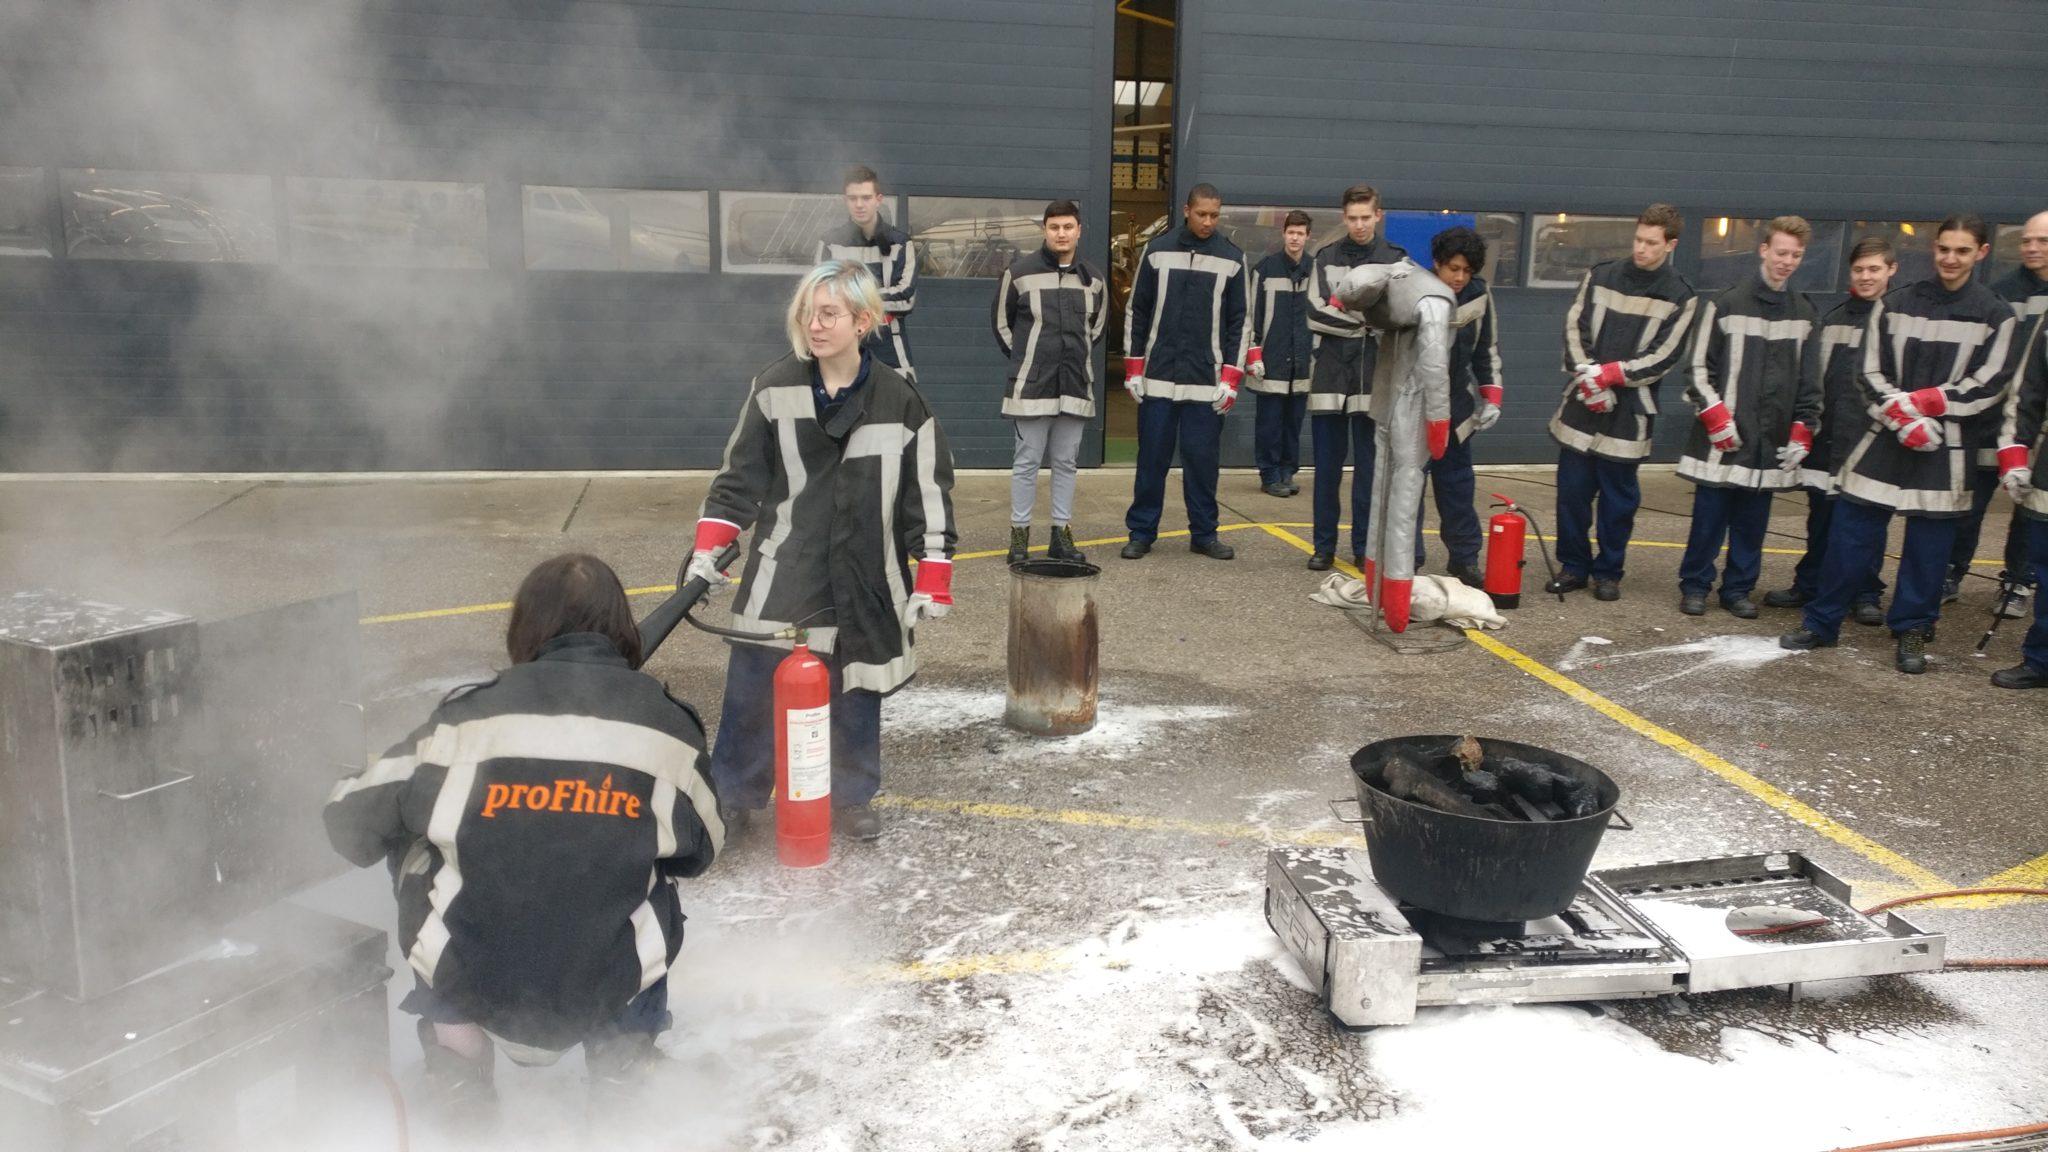 ProFhire verzorgt voor vijfde jaar op rij brandveiligheidsinstructie bij ROC Hoofddorp